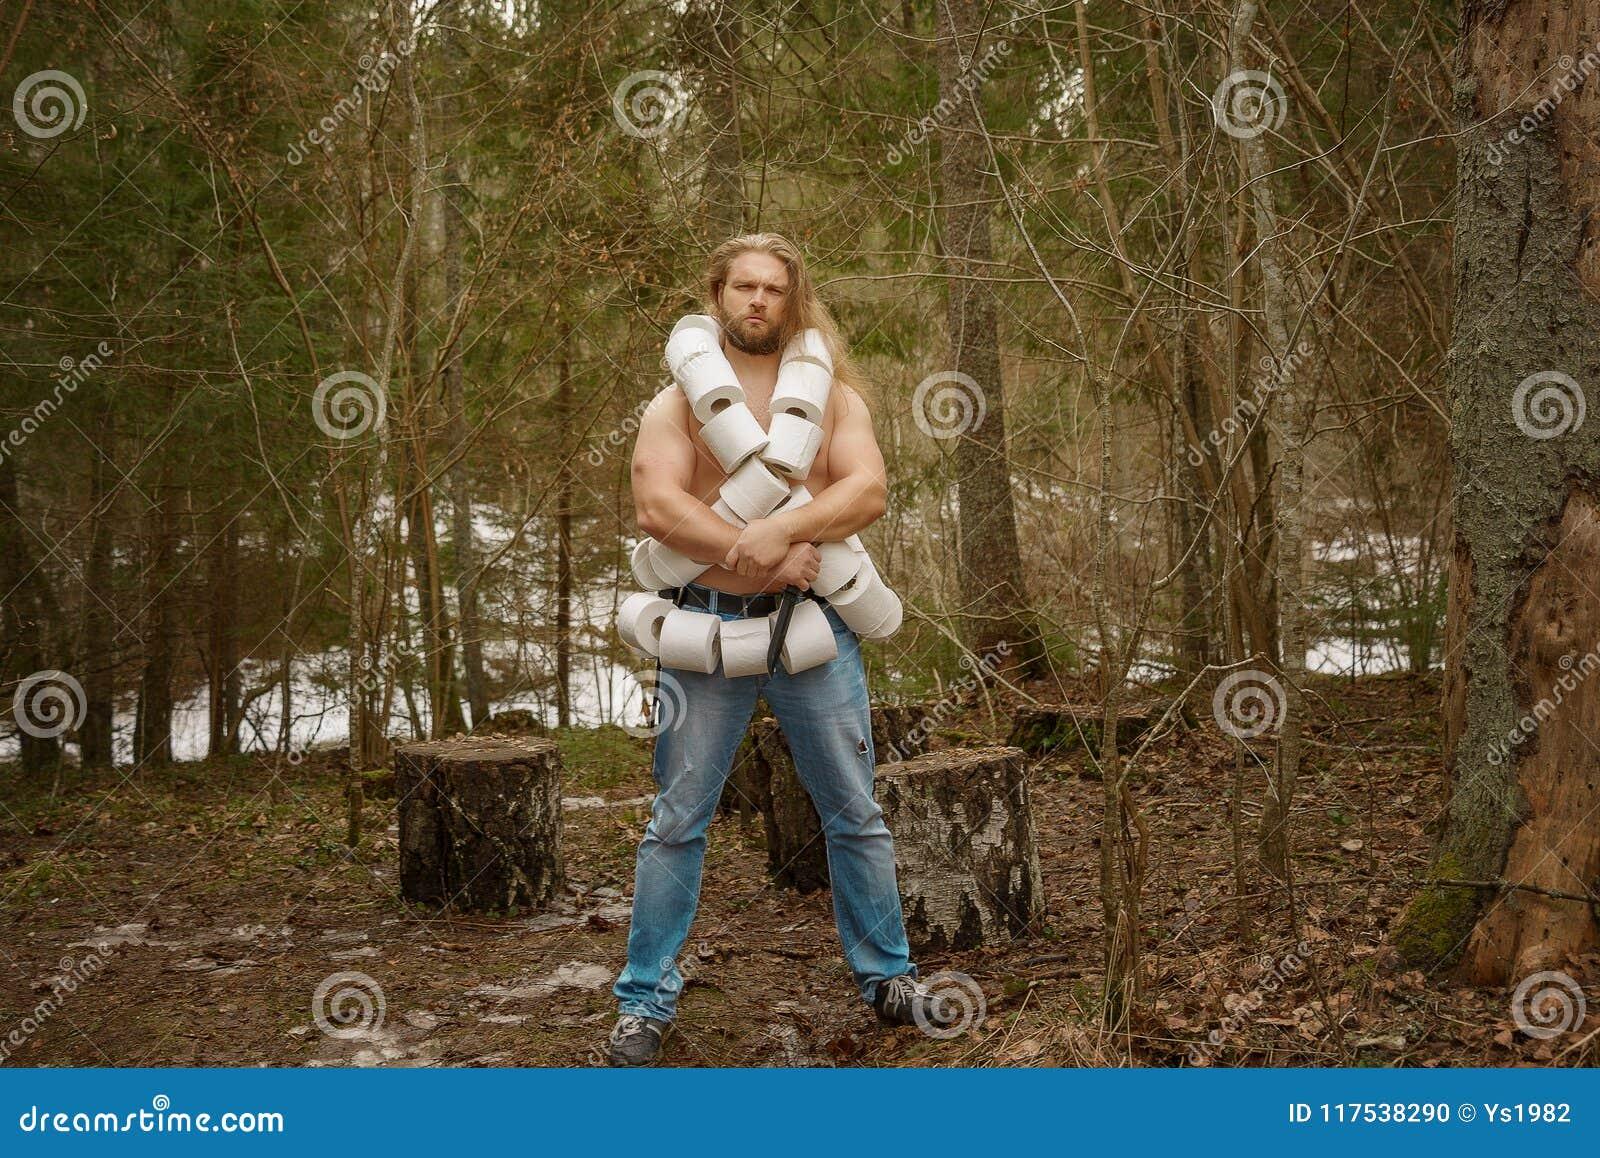 Nackter mit WC-Papier in einem Wald